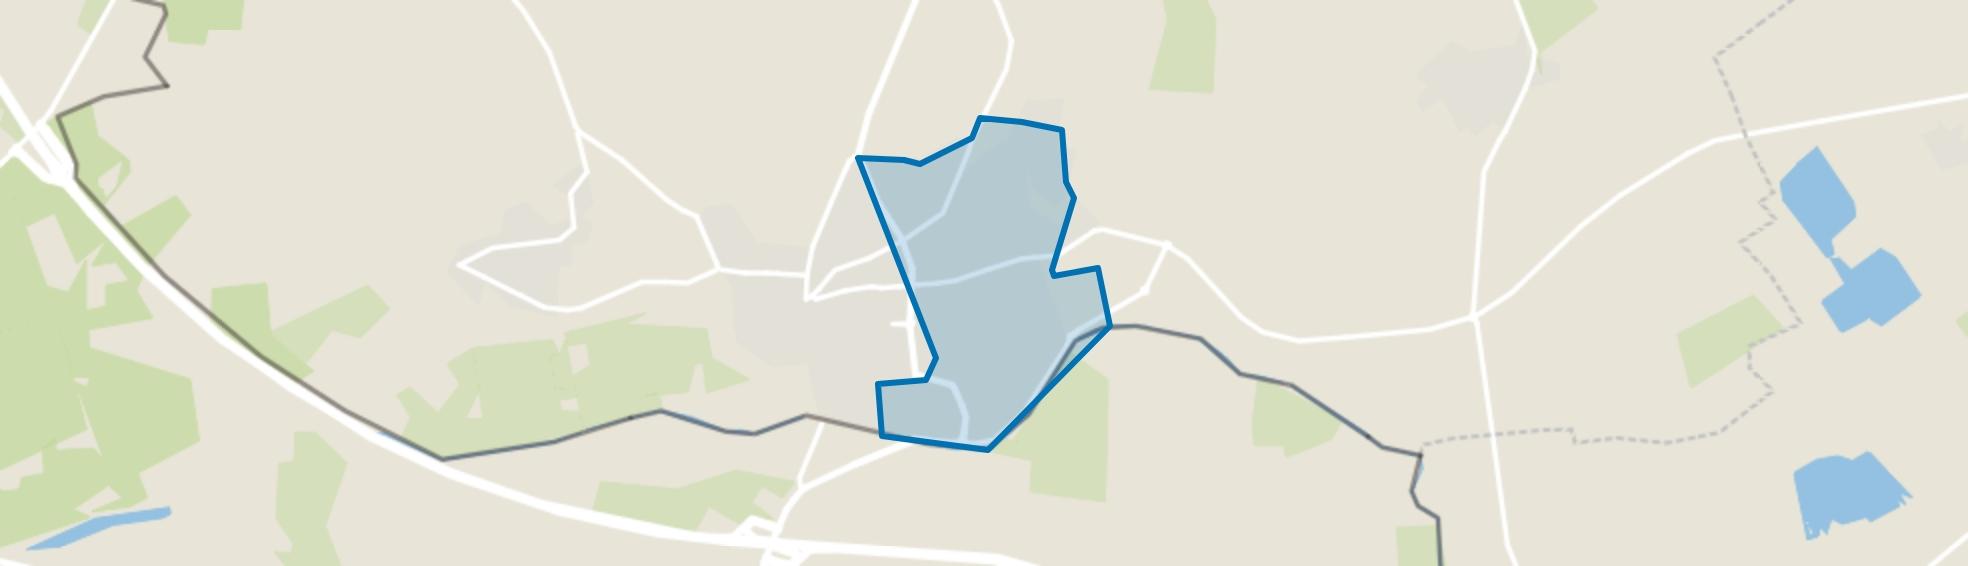 's-Heerenberg, oostelijke uitbreiding, 's-Heerenberg map